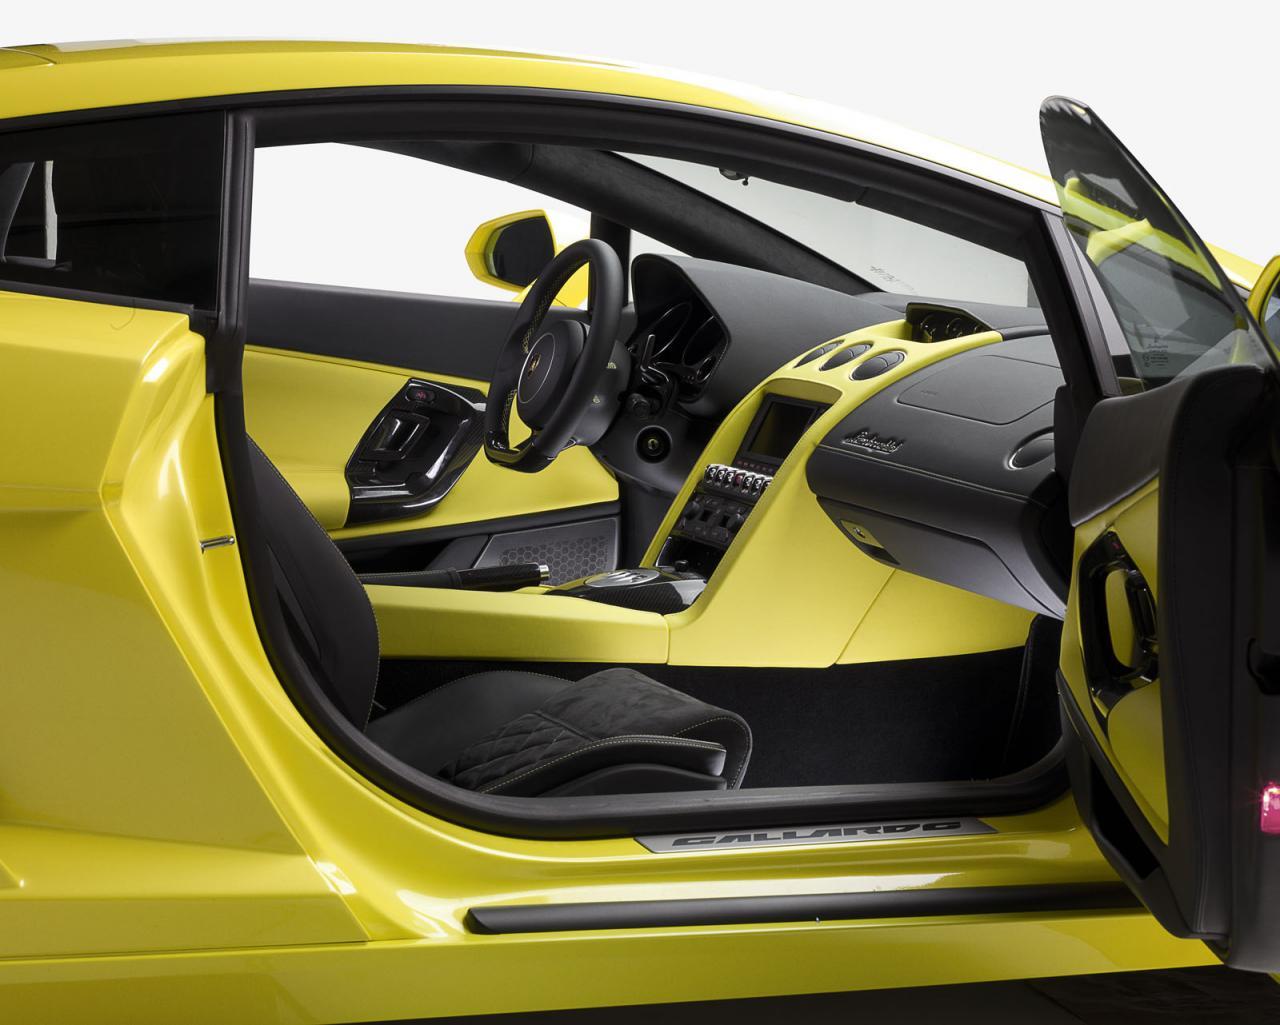 Lamborghini+Gallardo+LP+560-4+3.jpg